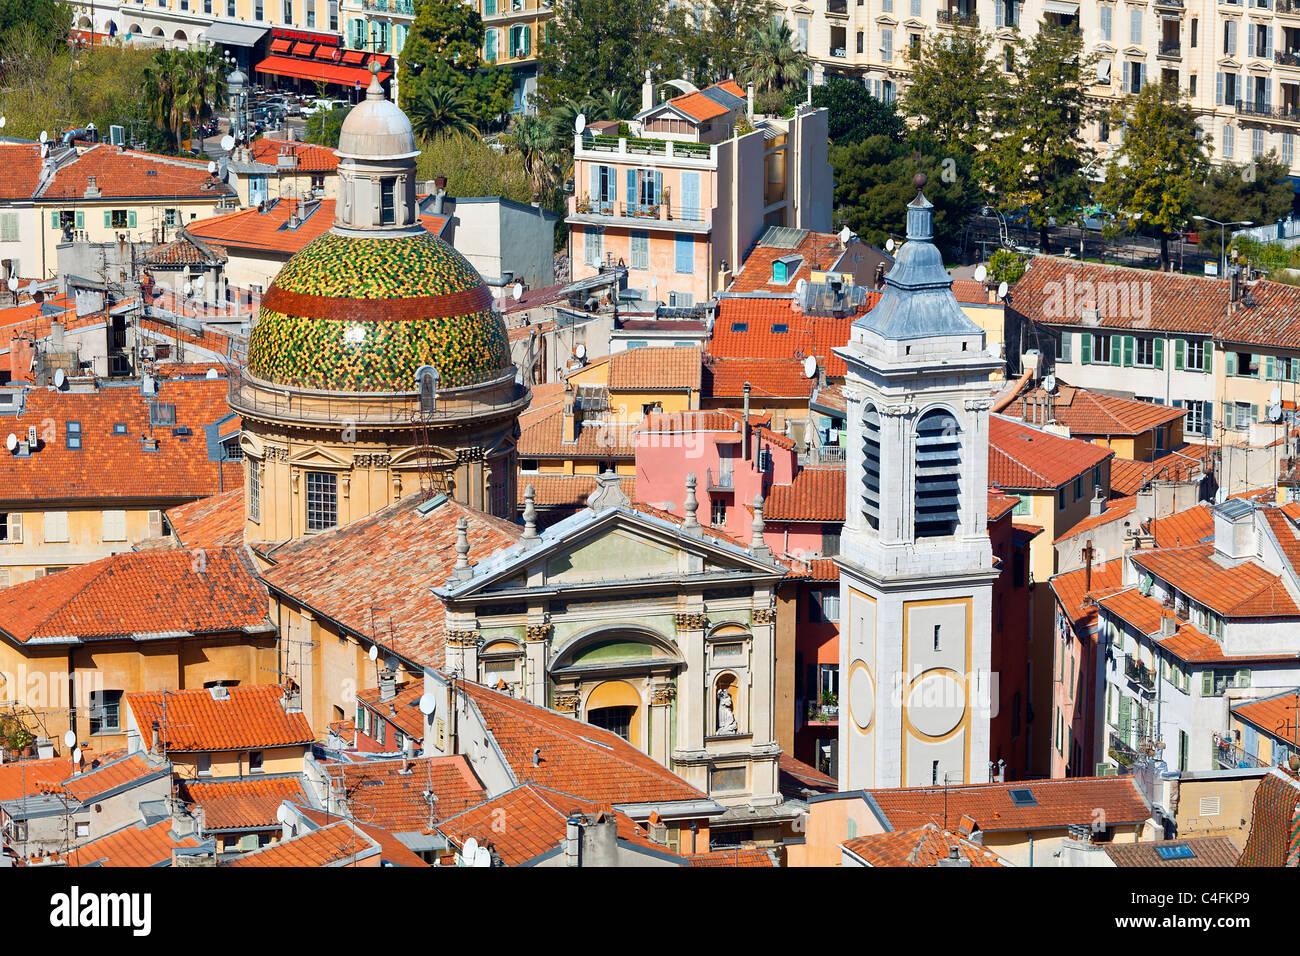 L'Europa, Francia, Alpes-Maritimes (06), la città vecchia di Nizza, Cattedrale Sainte Reparate Immagini Stock